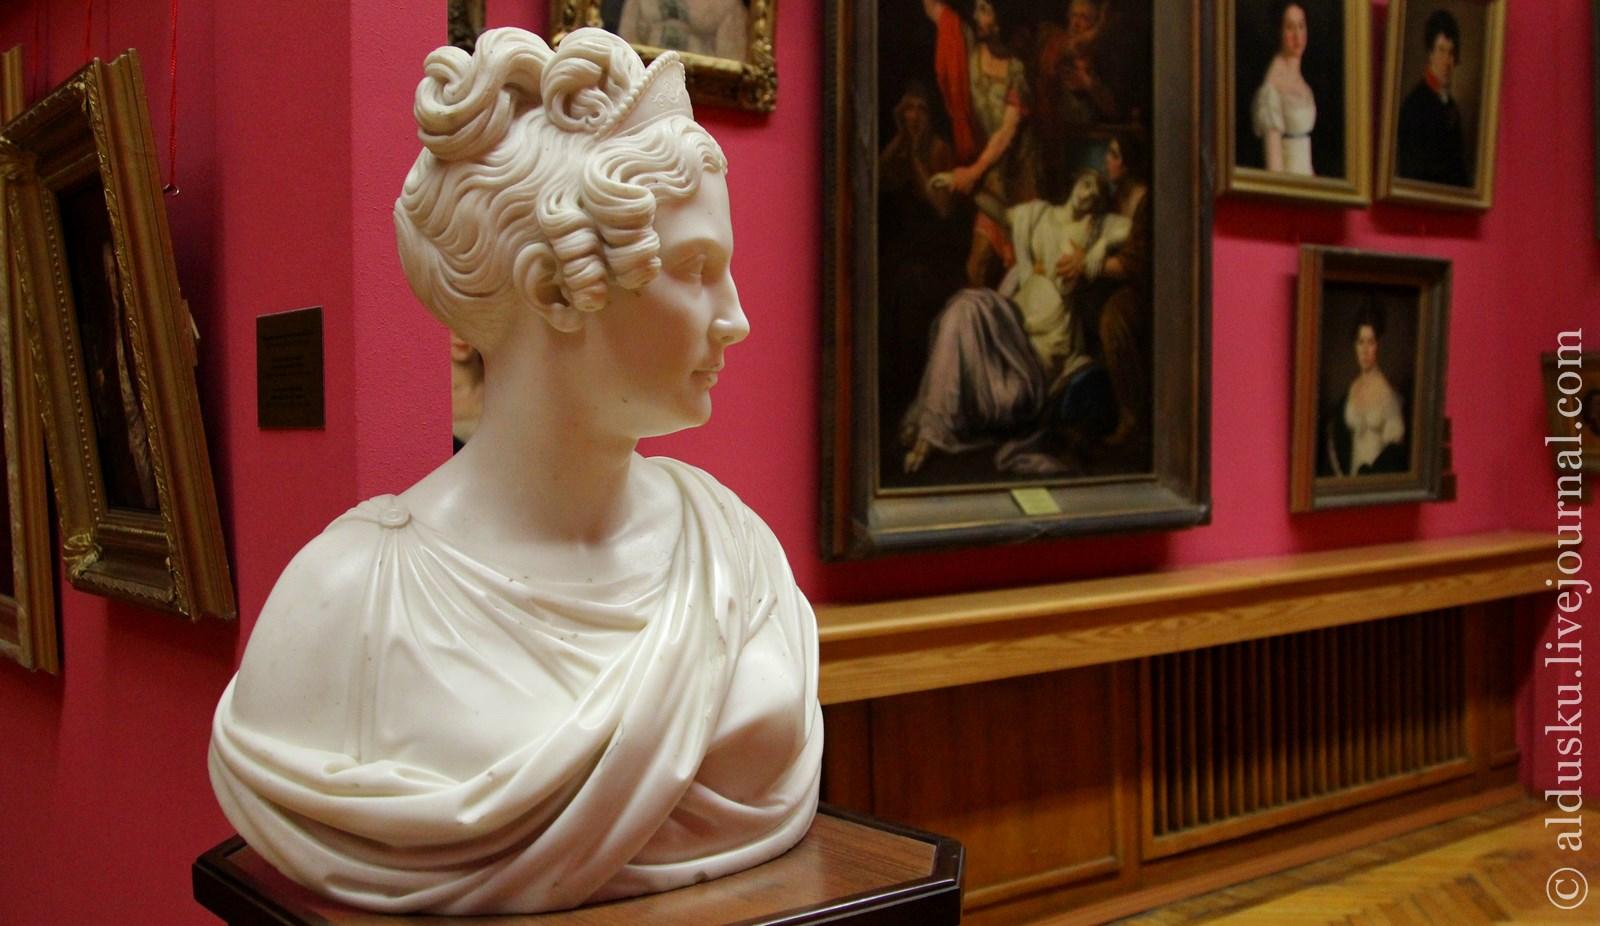 Раух К.–Д. (1777–1857) Императрица Александра Федоровна. Между 1840–1850. Мрамор